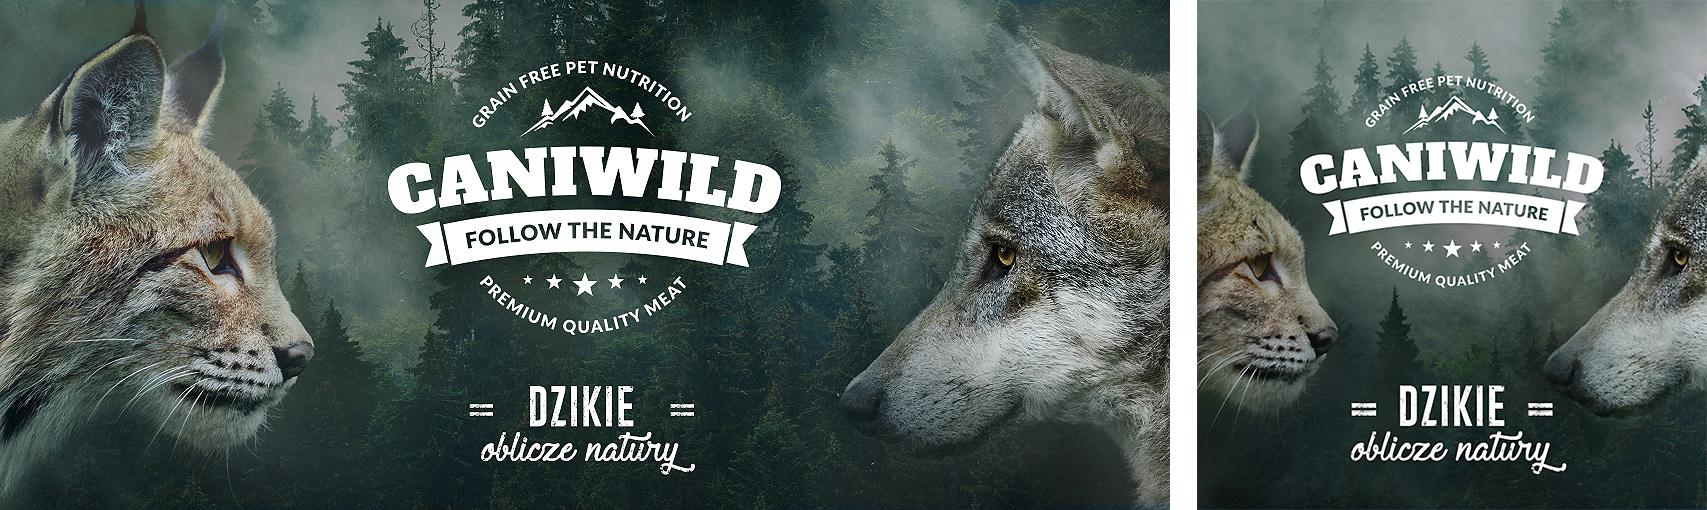 1-Caniwild-baner logo